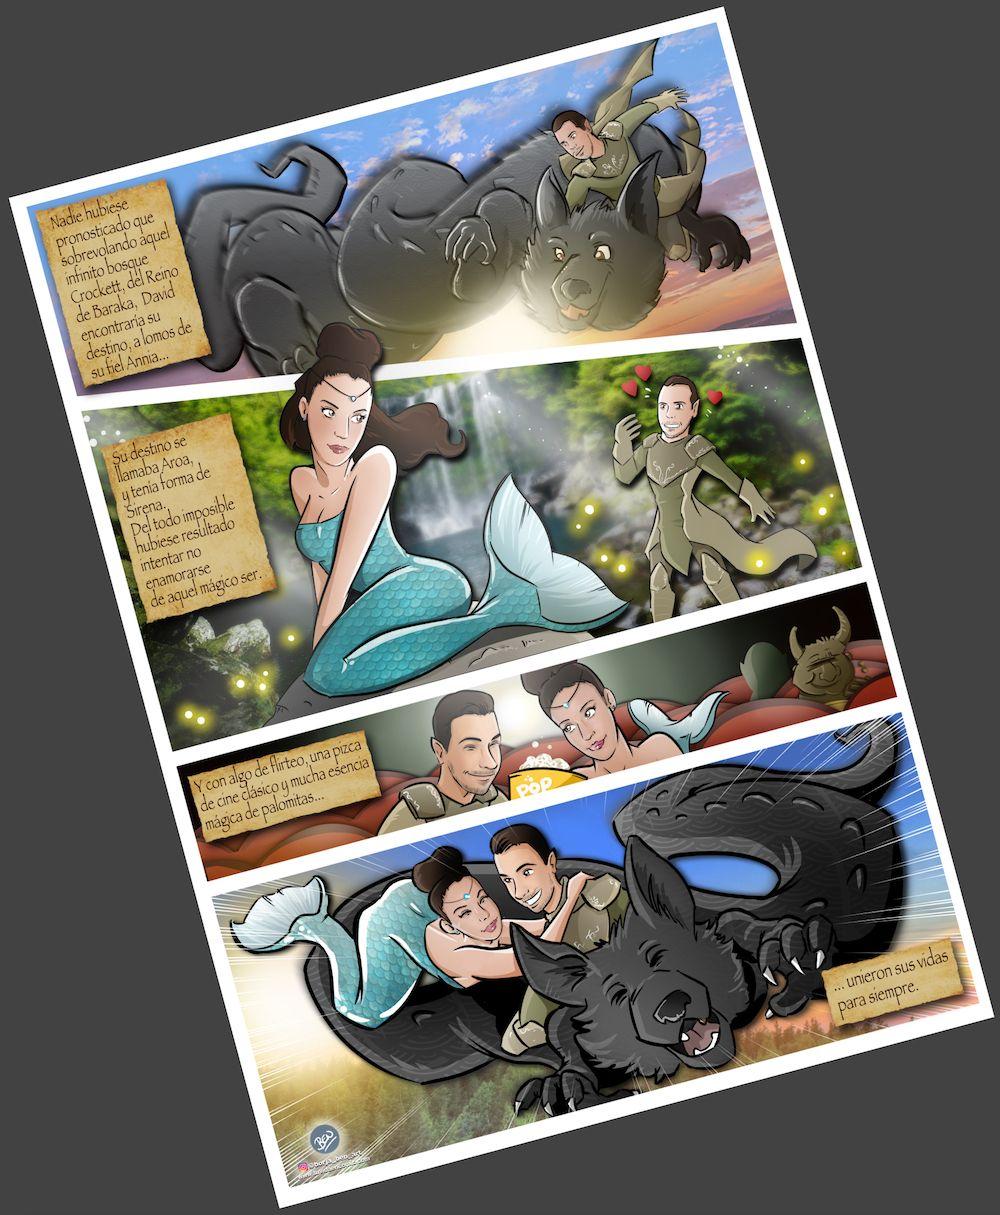 Cómic personalizado - Una boda de cuento - www.tuvidaencomic.com - Tu Vida en Cómic - Caricatura personalizada - BEN - 4